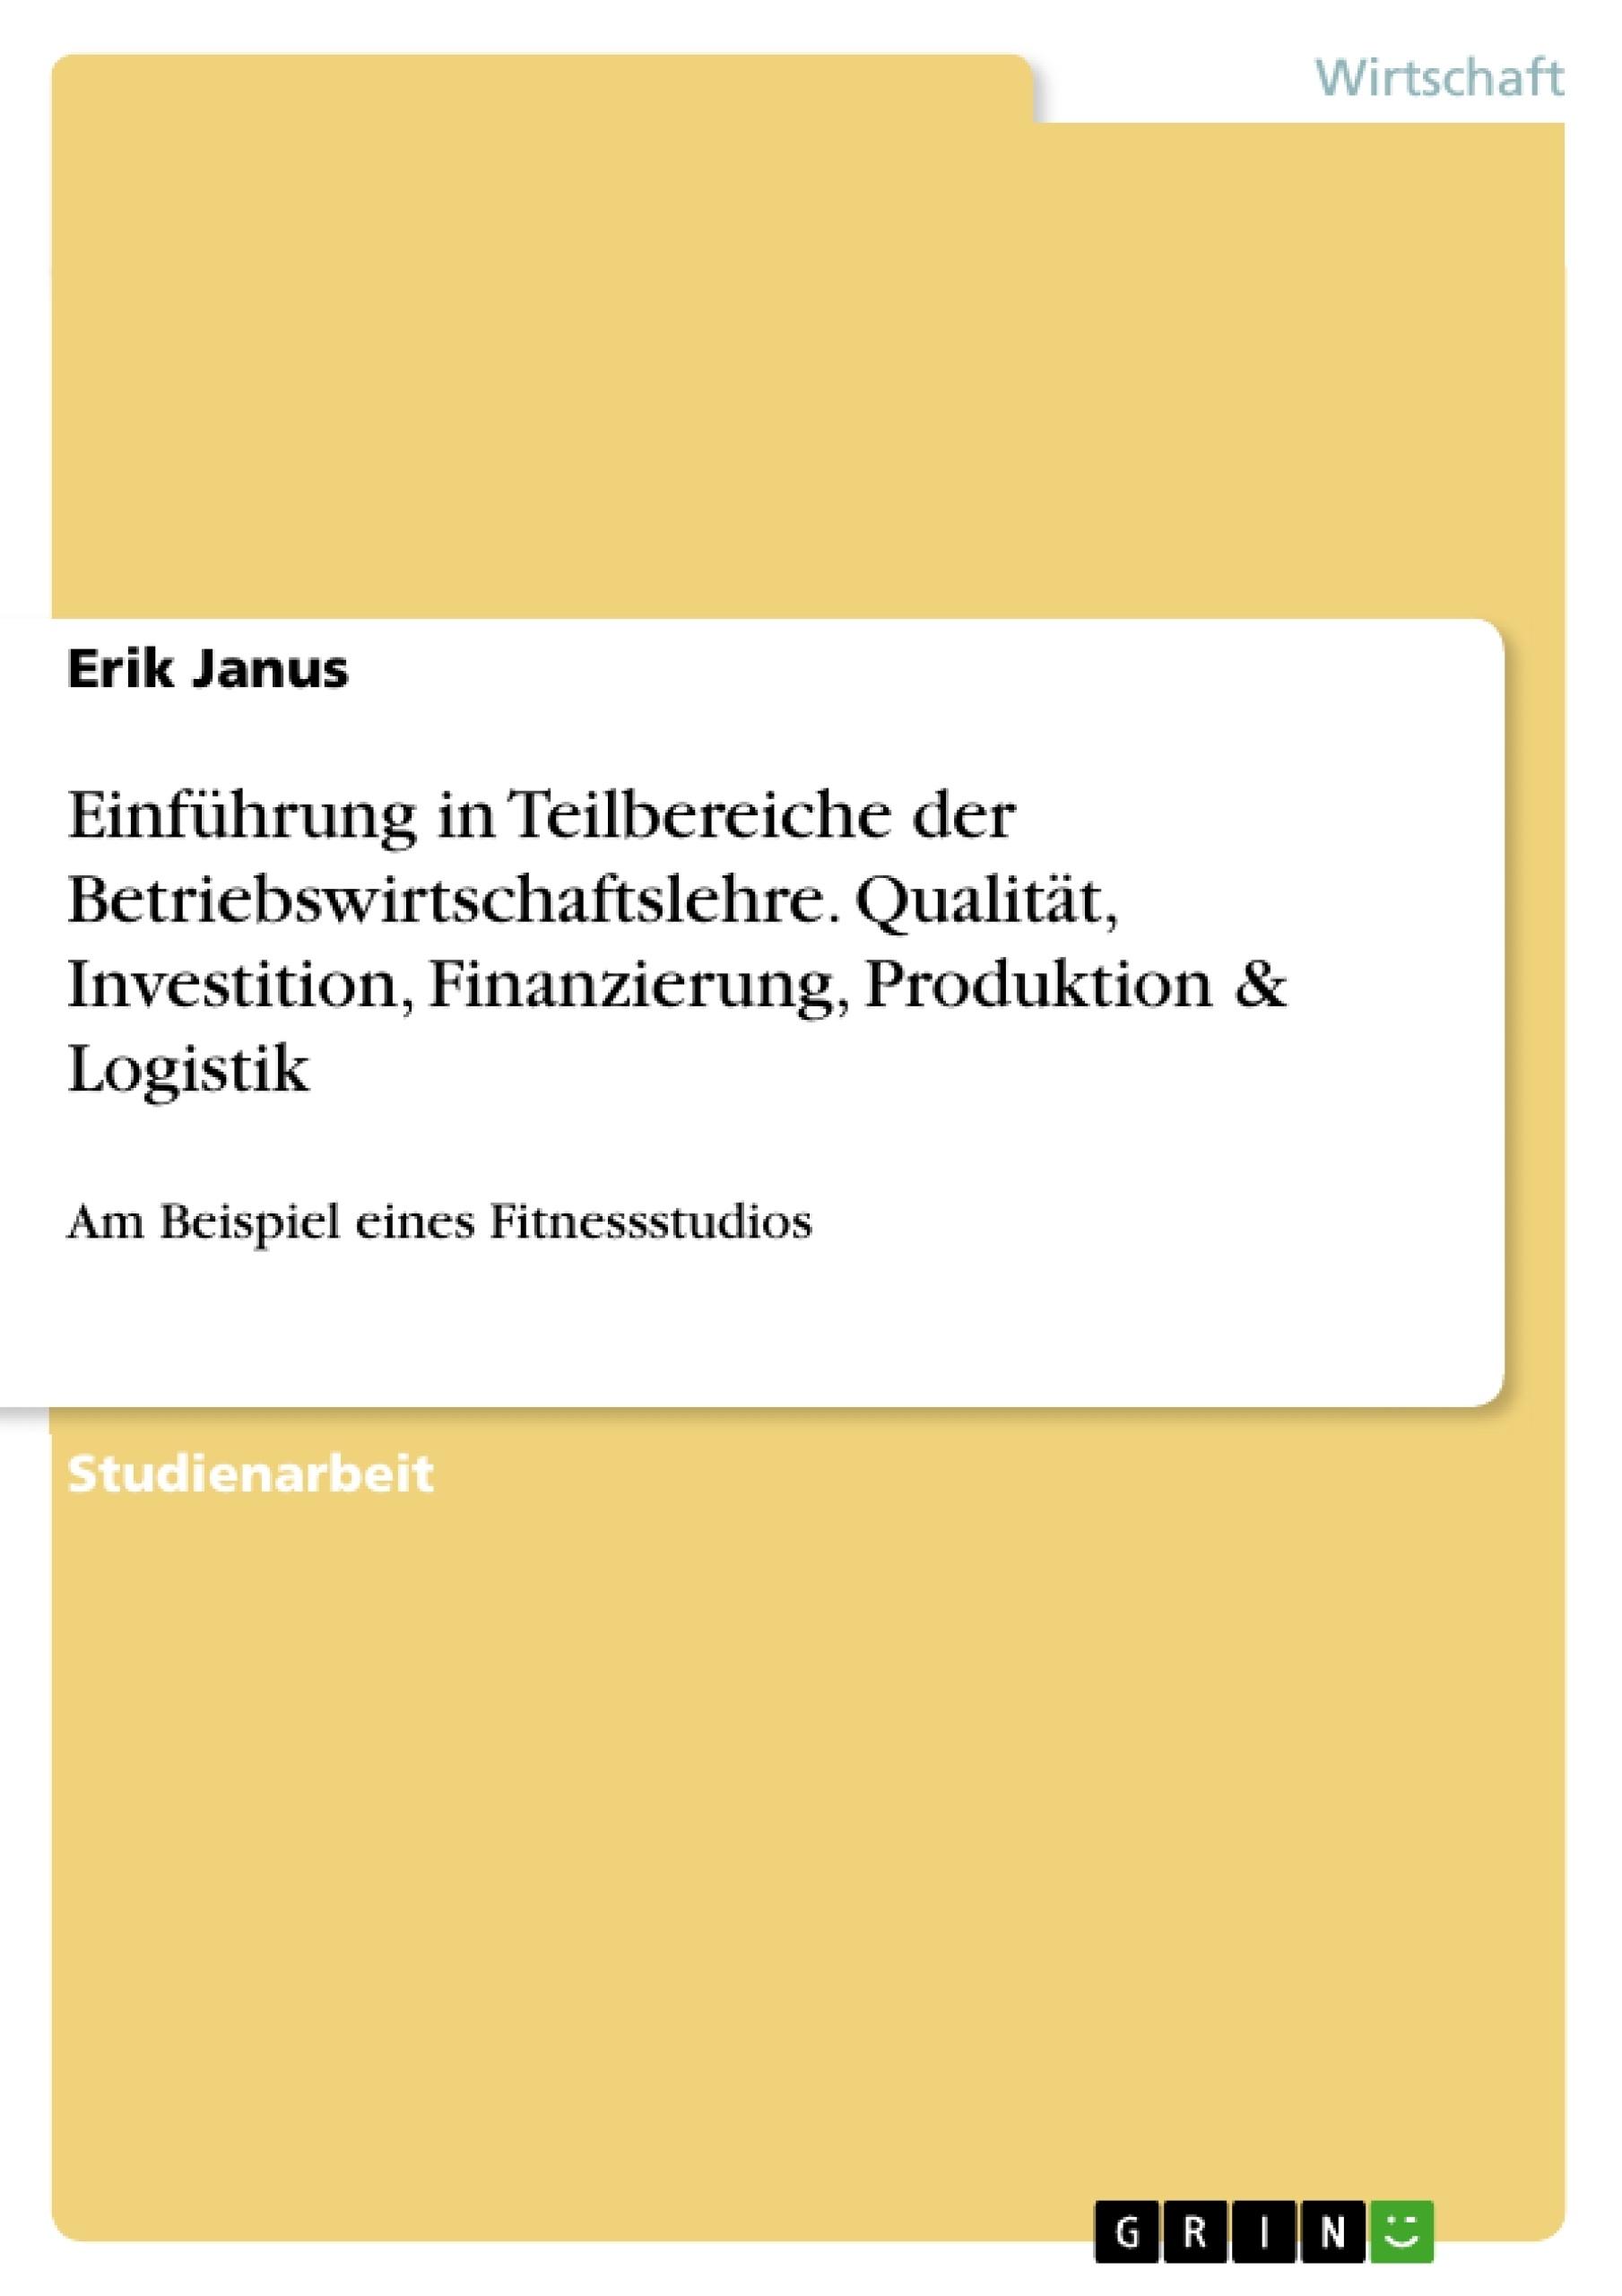 Titel: Einführung in Teilbereiche der Betriebswirtschaftslehre. Qualität, Investition, Finanzierung, Produktion & Logistik